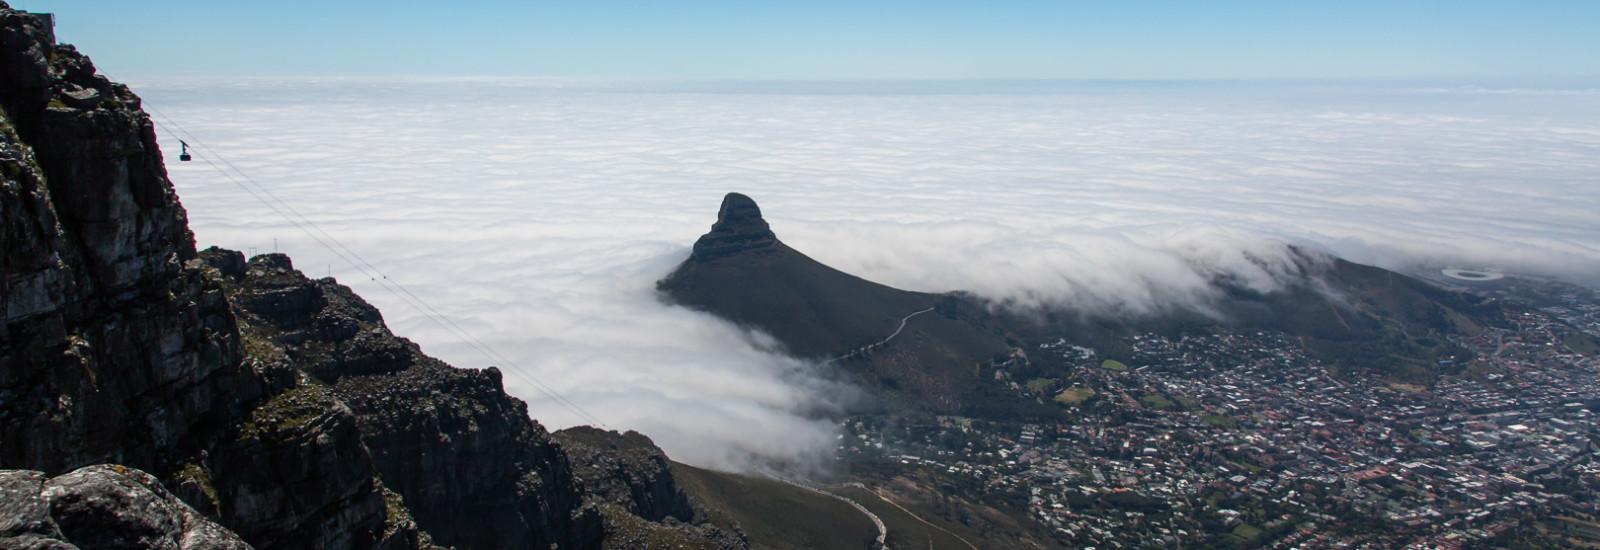 28.10. Tafelberg - Blick auf Kapstadt und Lion's Head